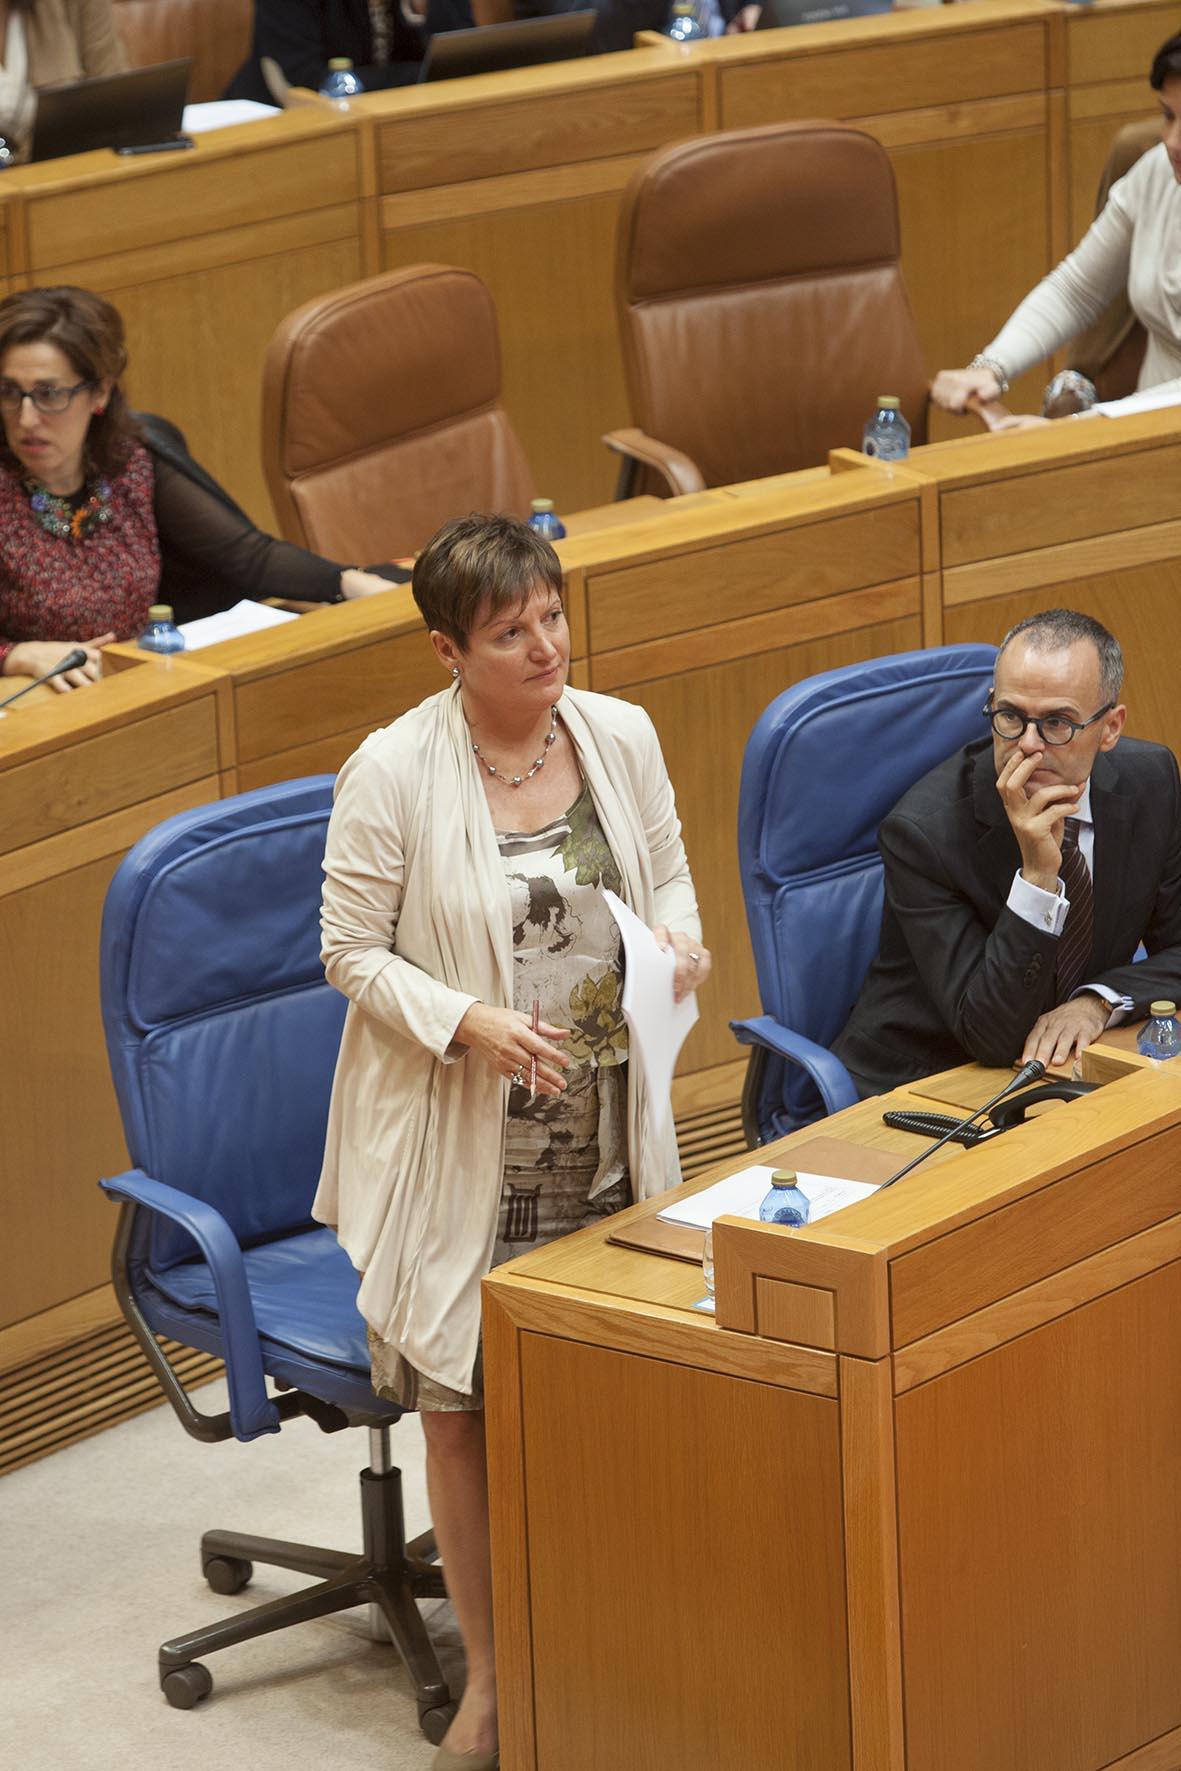 A conselleira de Sanidade, Rocío Mosquera Álvarez, informou hoxe, no Pleno do Parlamento de Galicia, das medidas postas en marcha polo seu departamento en relación ao virus do ébola.